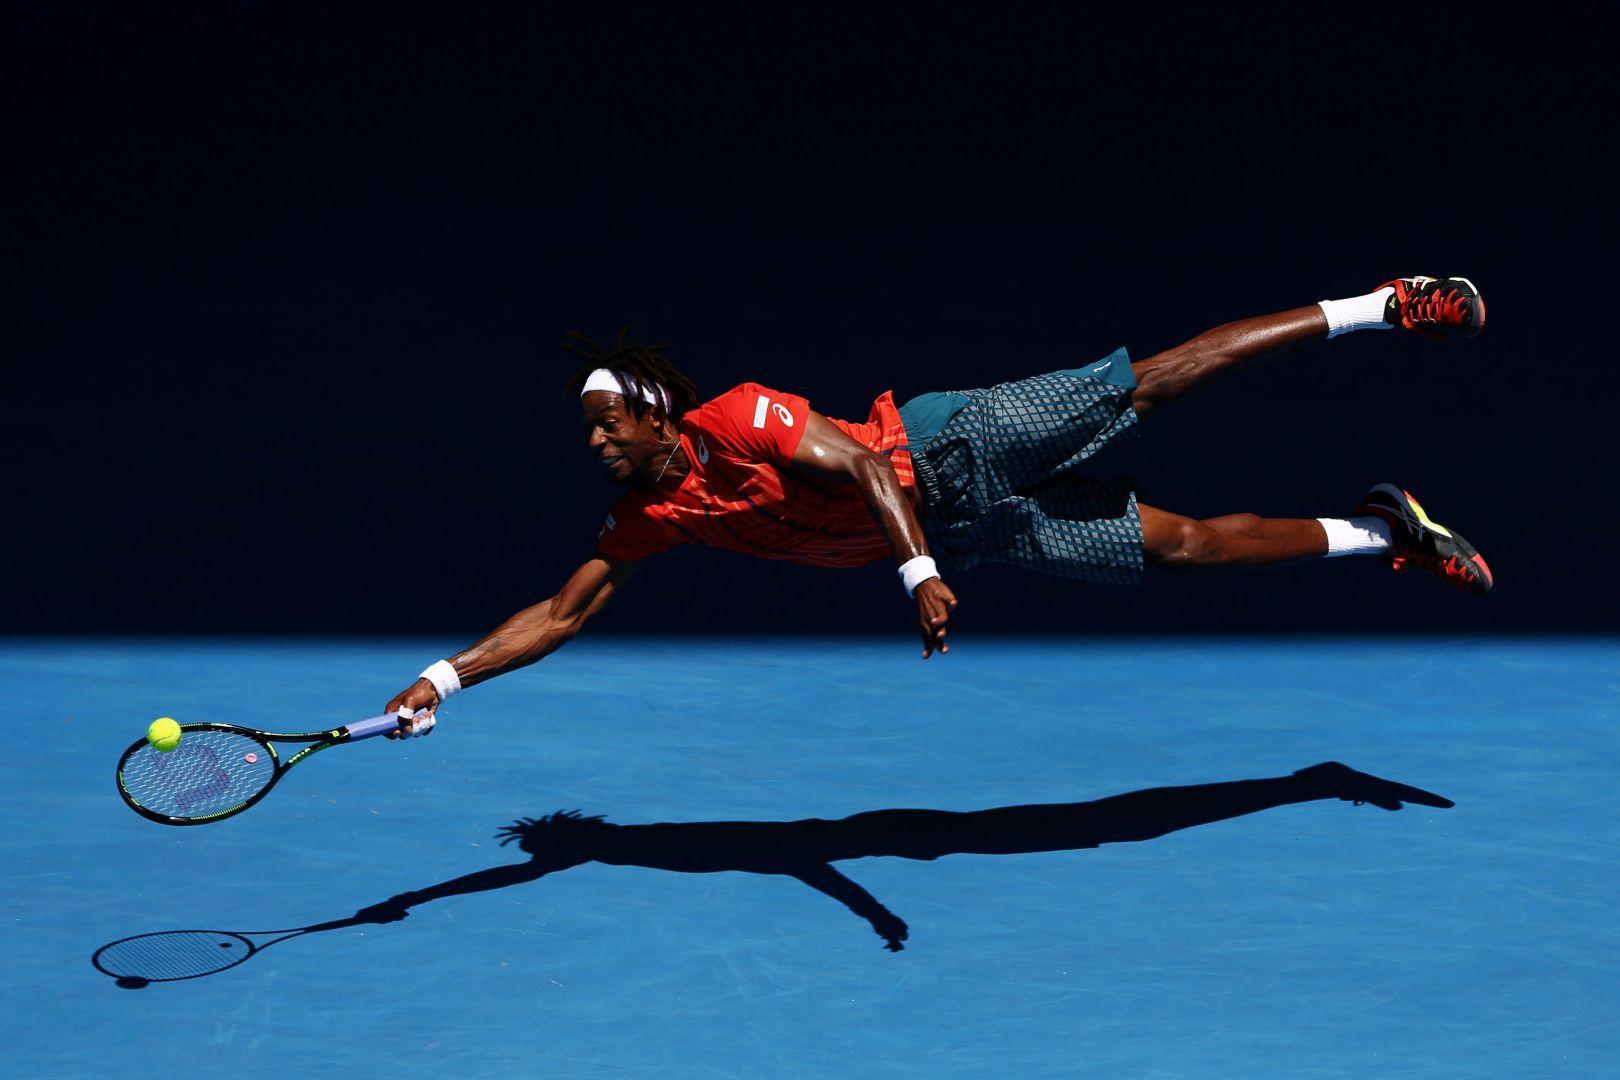 Прыжок, © Кэмерон Спенсер, Австралия, Фотоконкурс World Press Photo